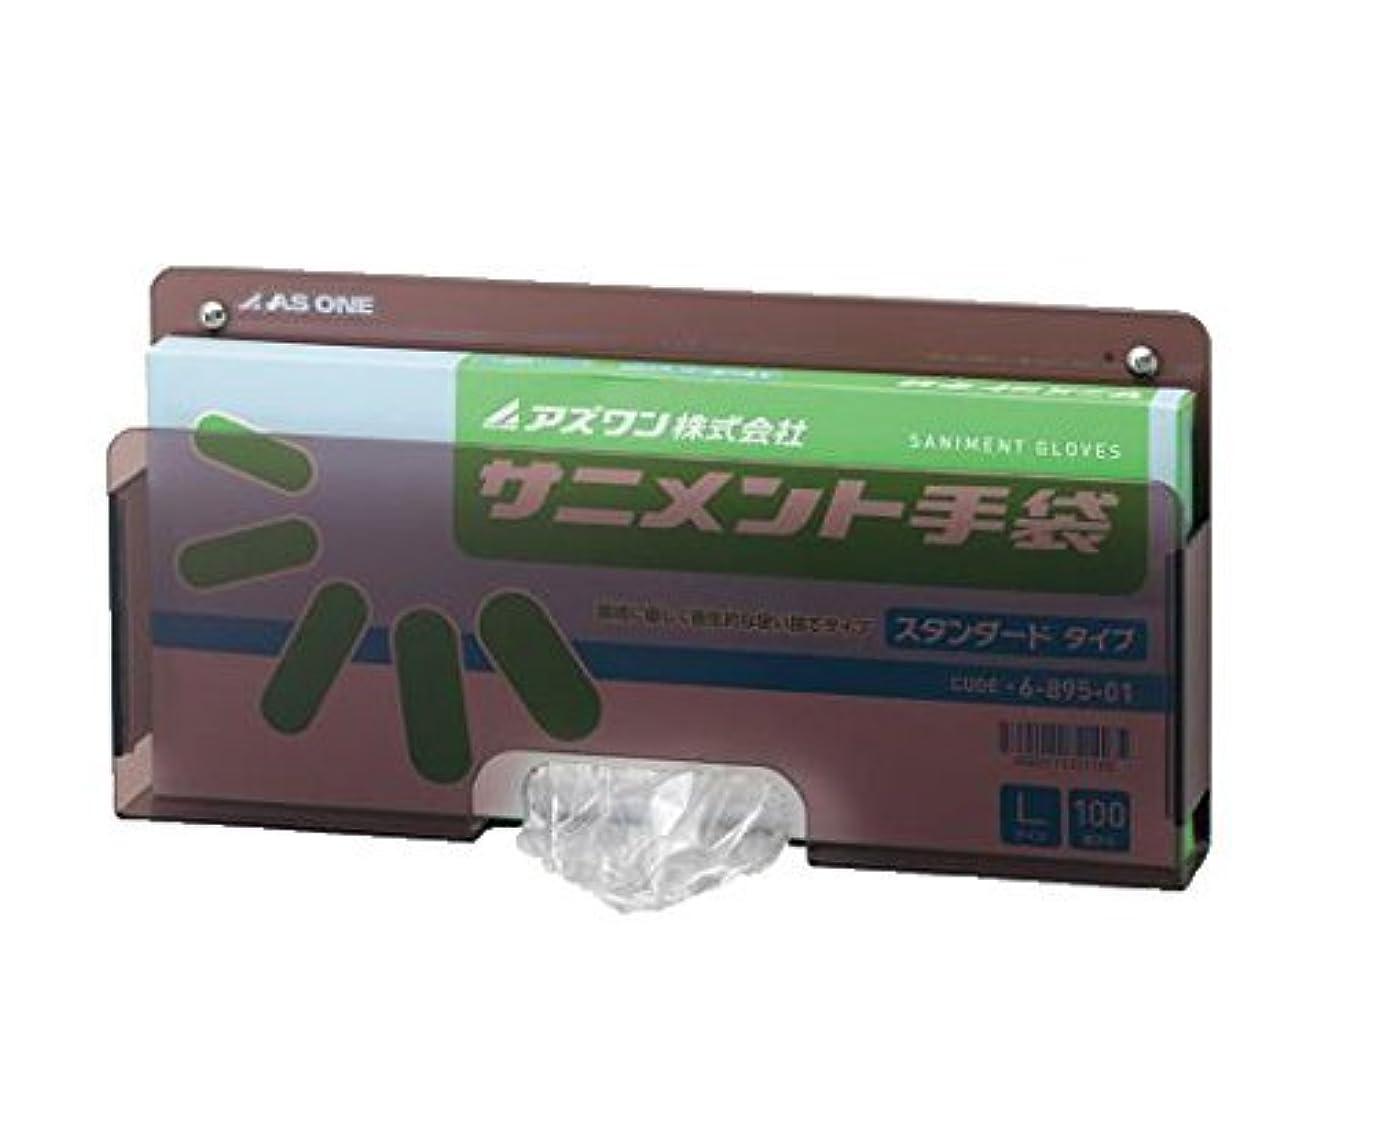 干し草ふりをする縞模様のアズワン8-5369-01サニメント手袋用ケーススタンダード用